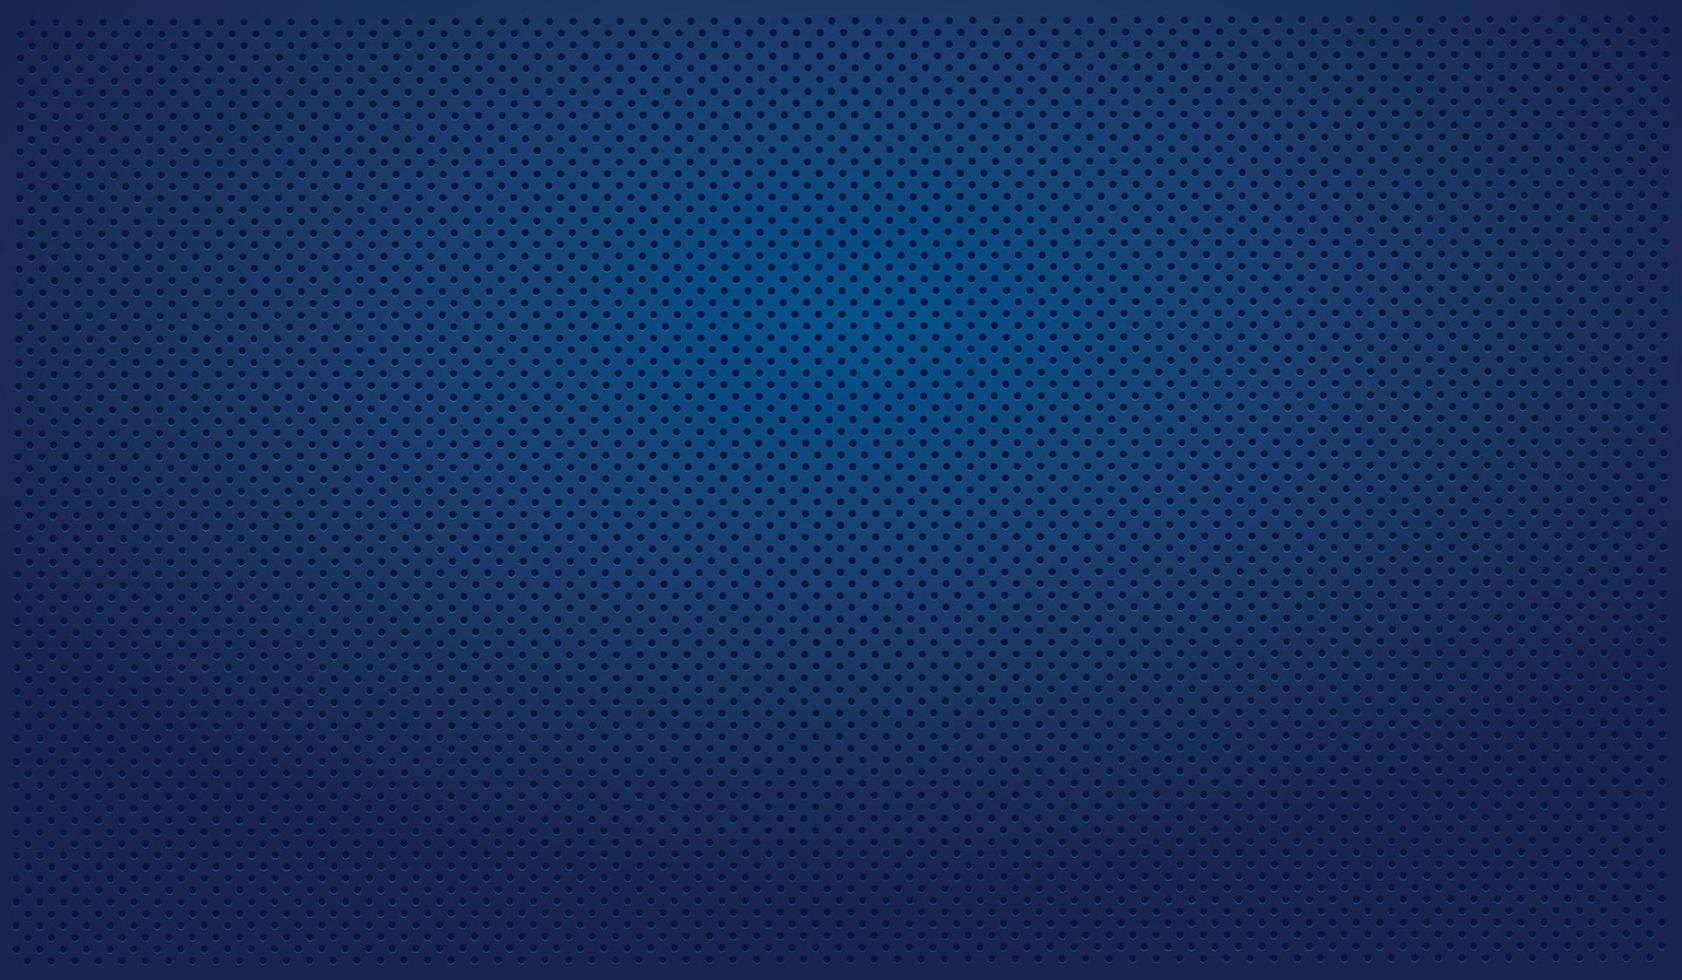 blå perforerad blå bakgrund med svarta hål och glöd vektor